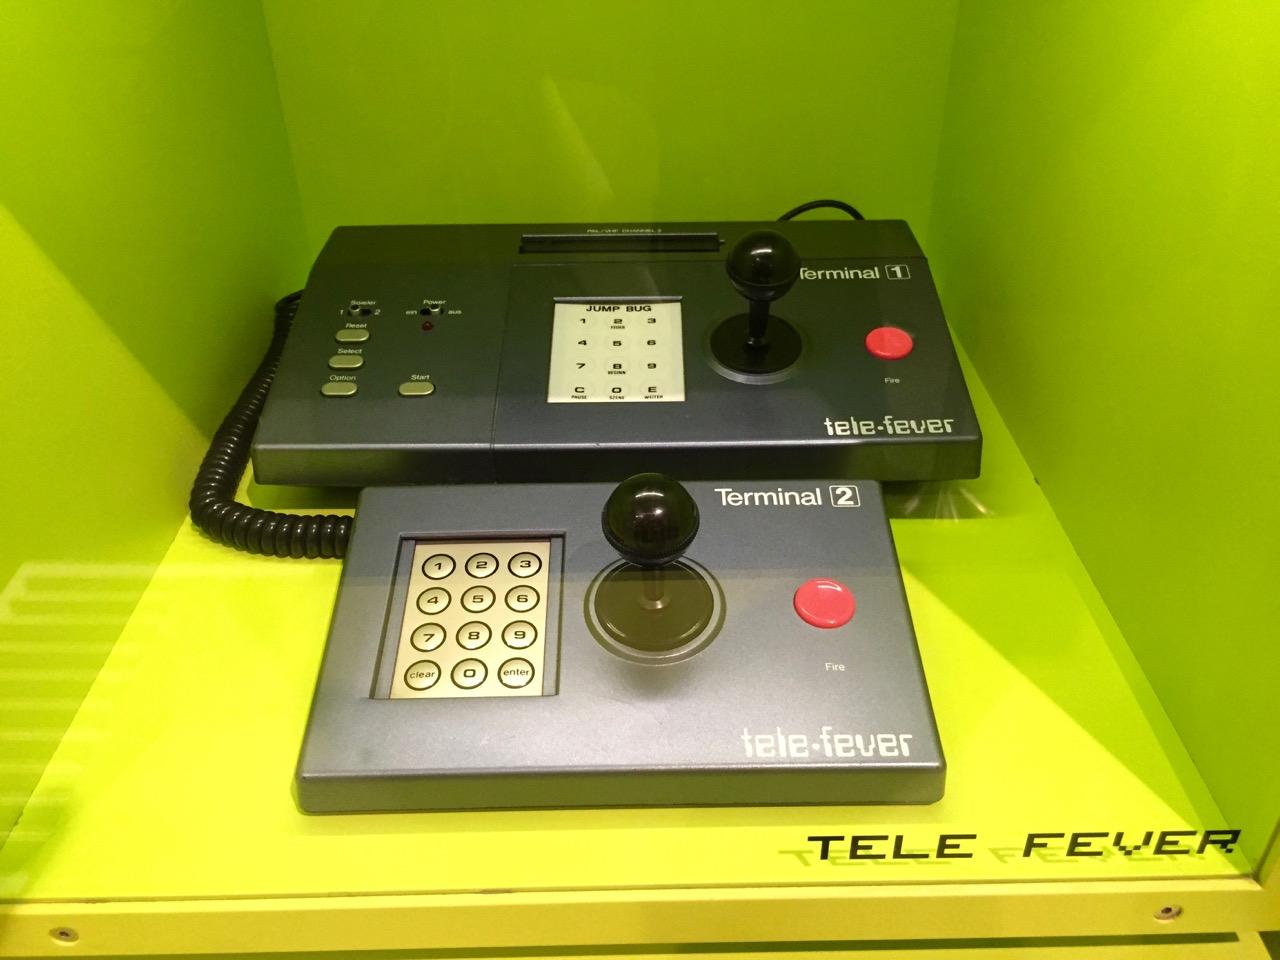 Eine seltene Tele-Fever-Konsole. (Bild: André Eymann)